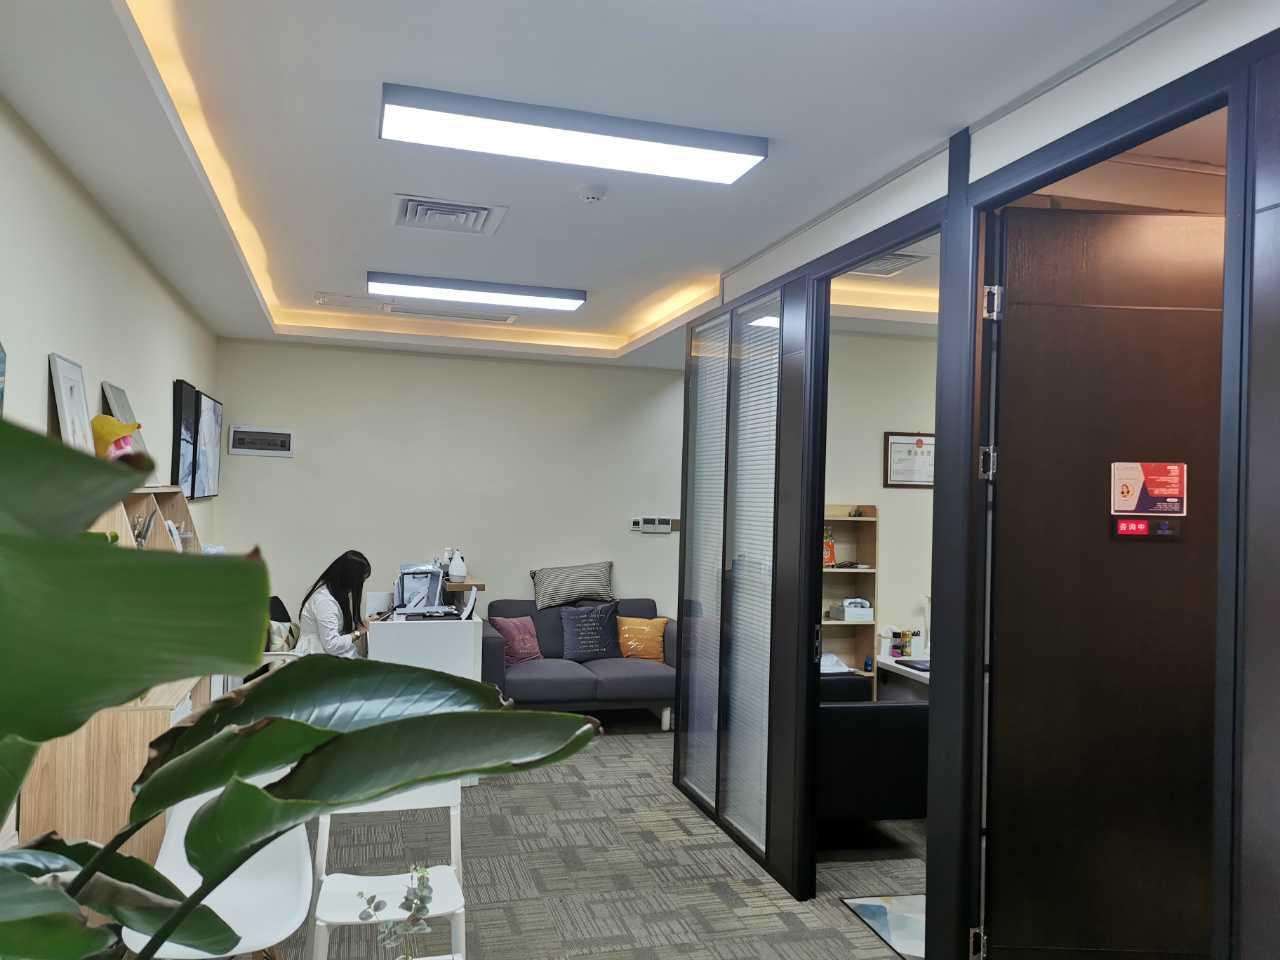 南山 田厦金牛广场 167平 小户型精装写字楼出租